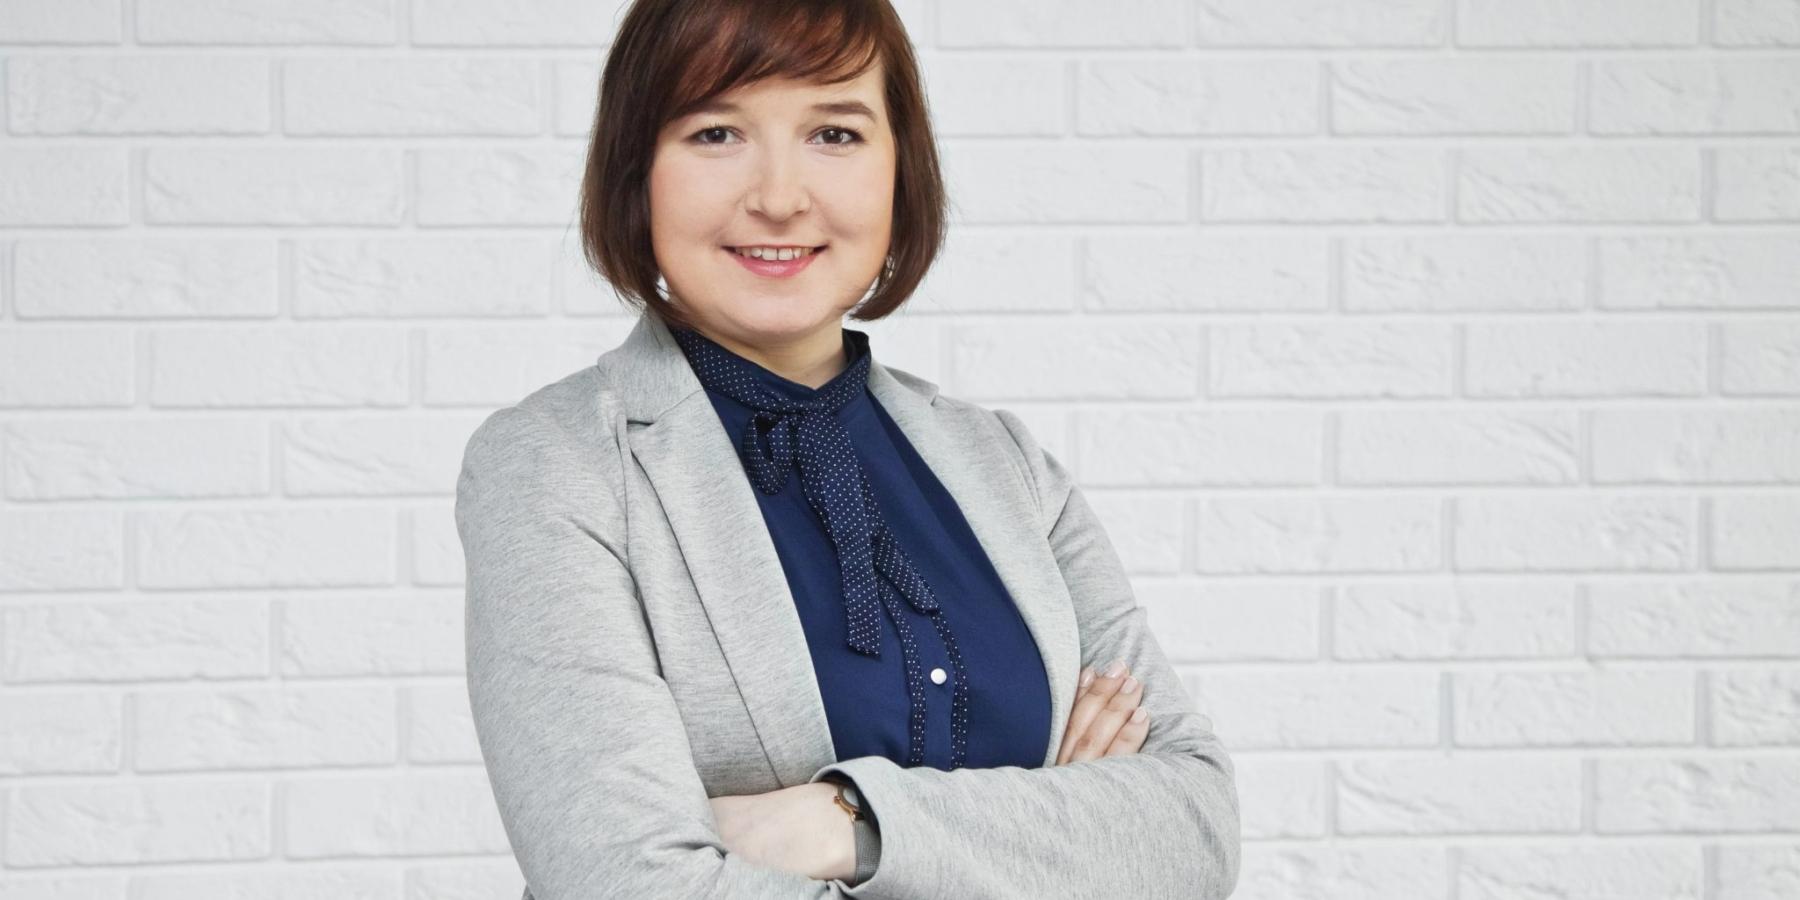 Wywiad zAgnieszką Skupieńską (biznesoweinfo.pl) oselfpublishingu